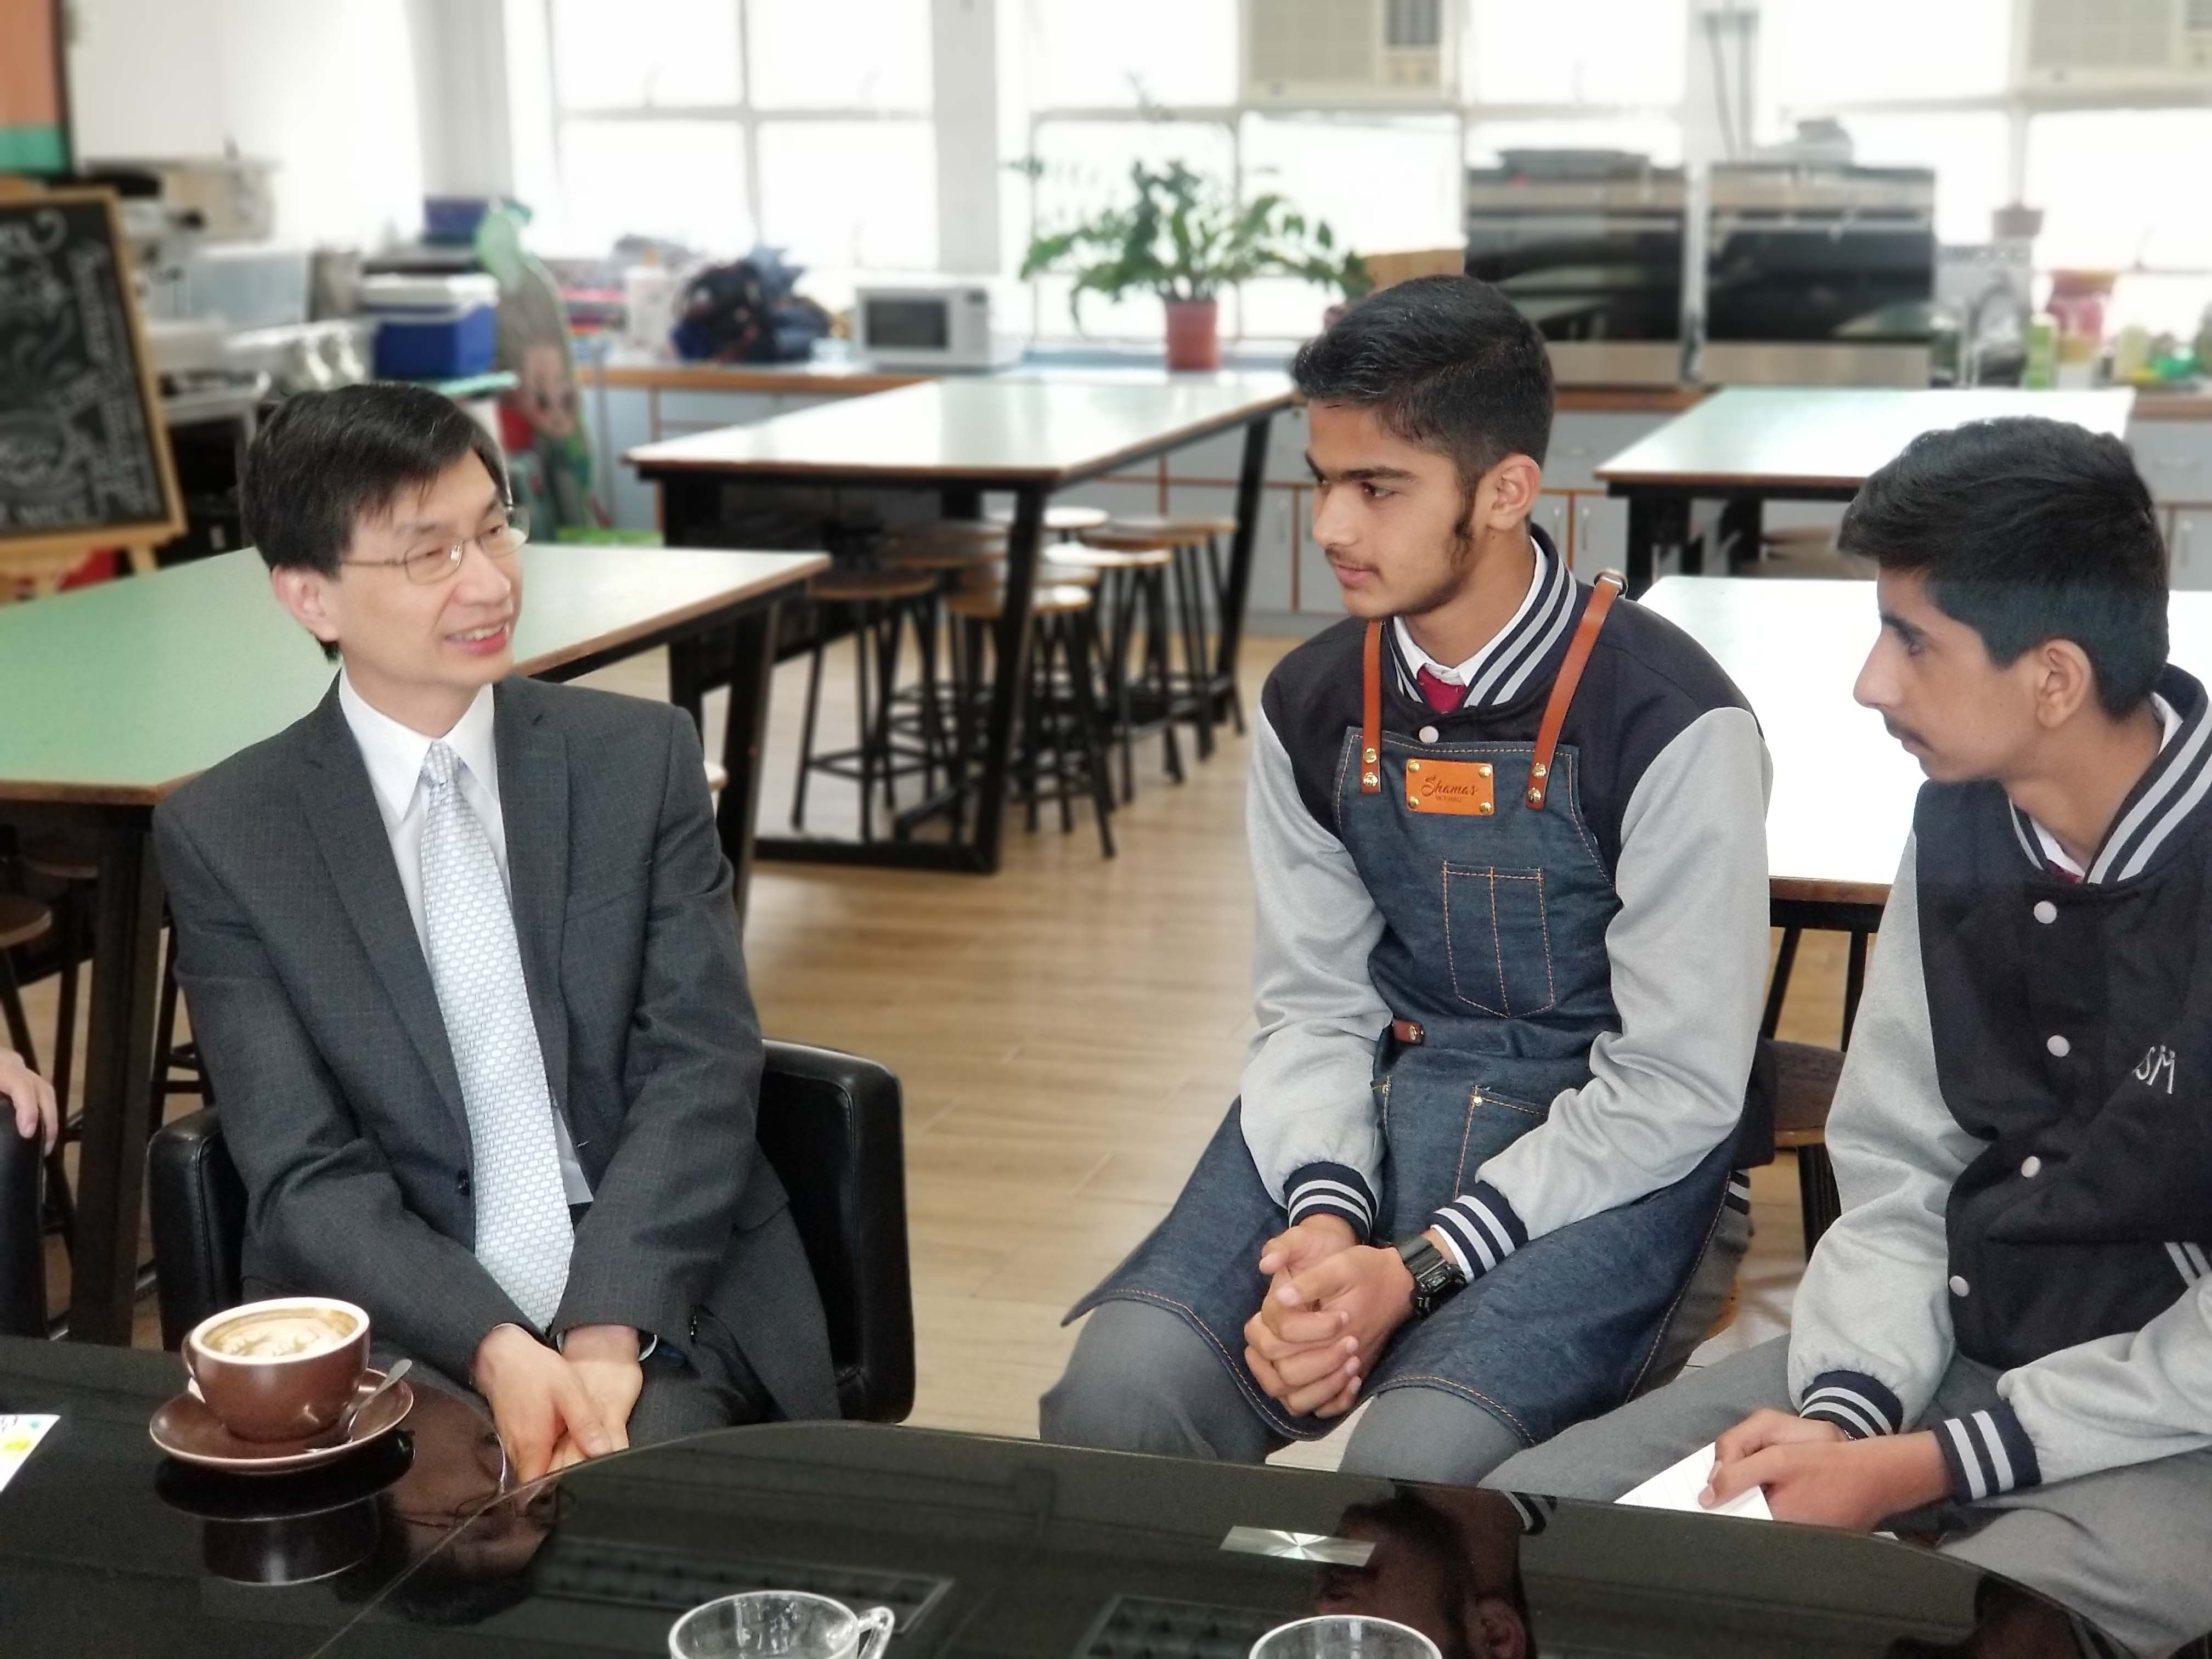 天主教慈幼會伍少梅中學的蔡海偉先生來訪相片4